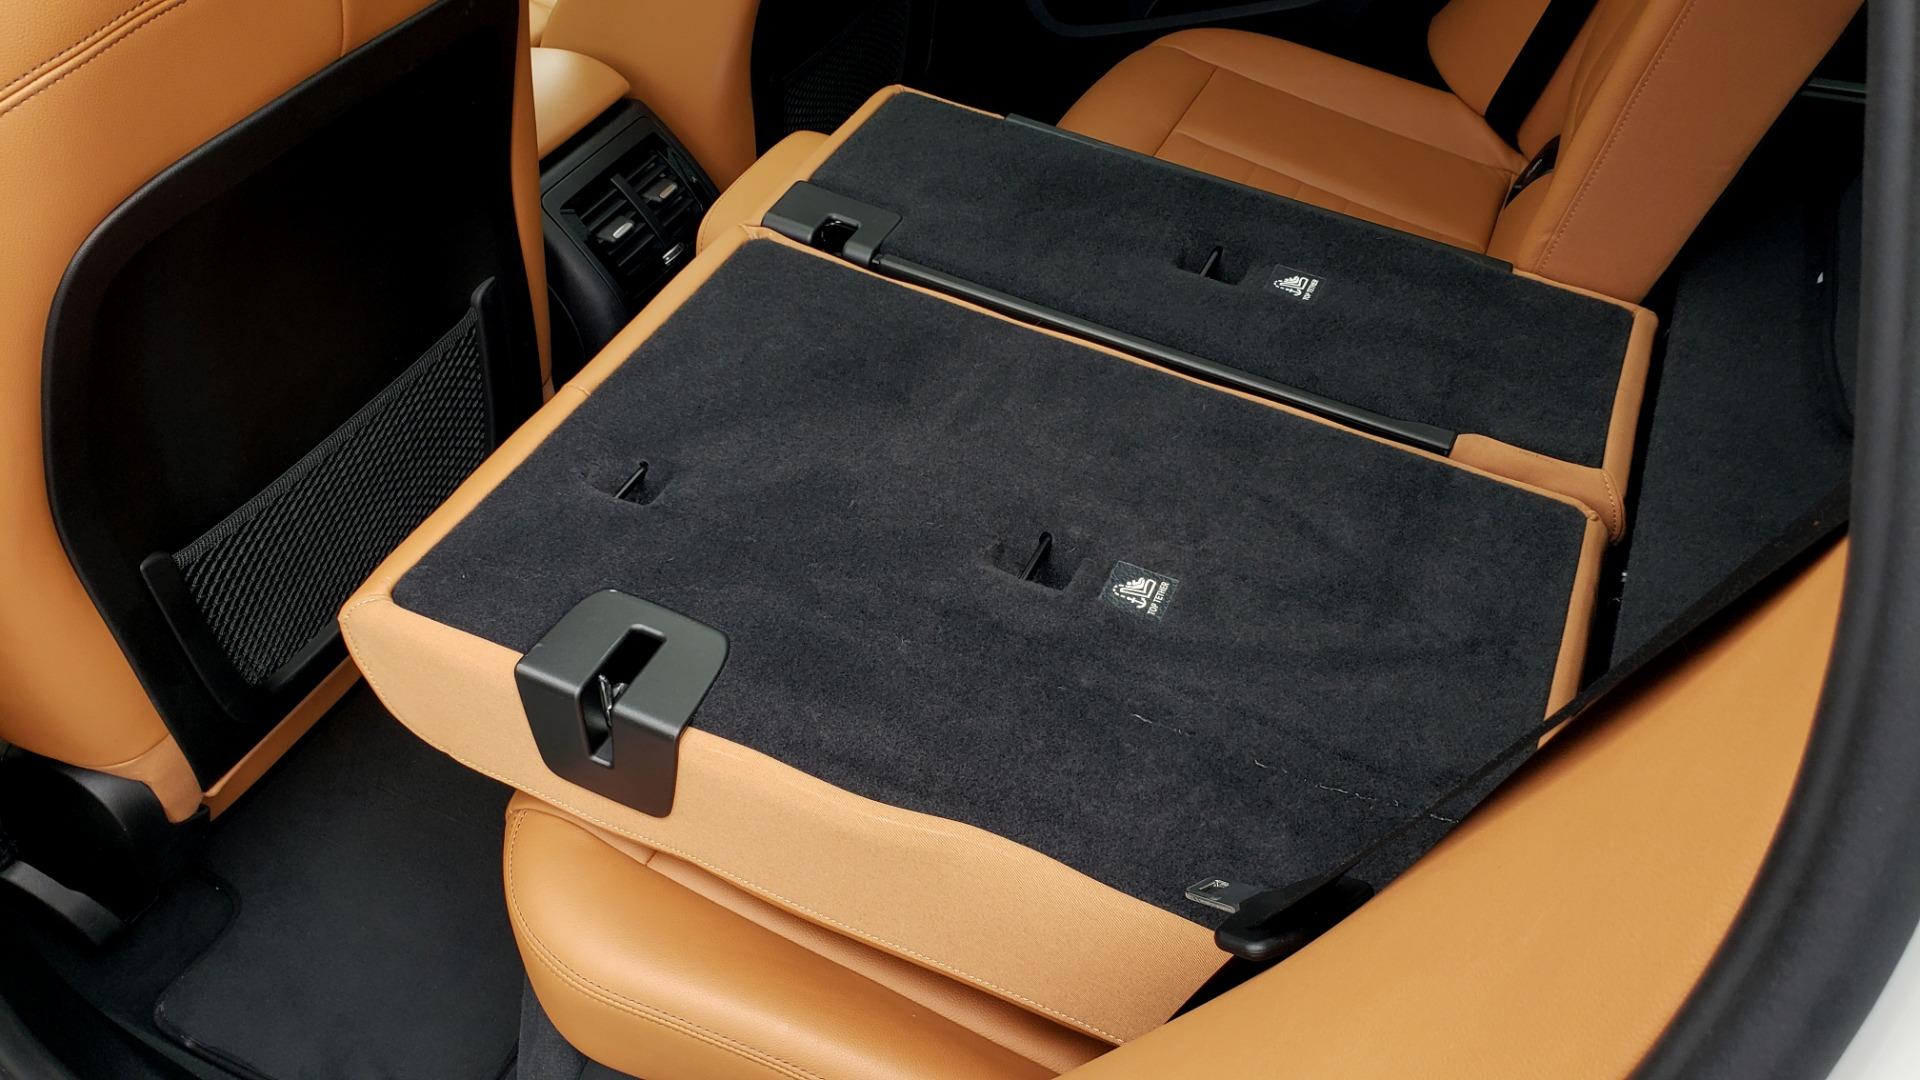 Used 2018 BMW X3 XDRIVE30I / LUX PKG / PREM PKG / CONV PKG / PDC / APPLE CARPLAY for sale Sold at Formula Imports in Charlotte NC 28227 66